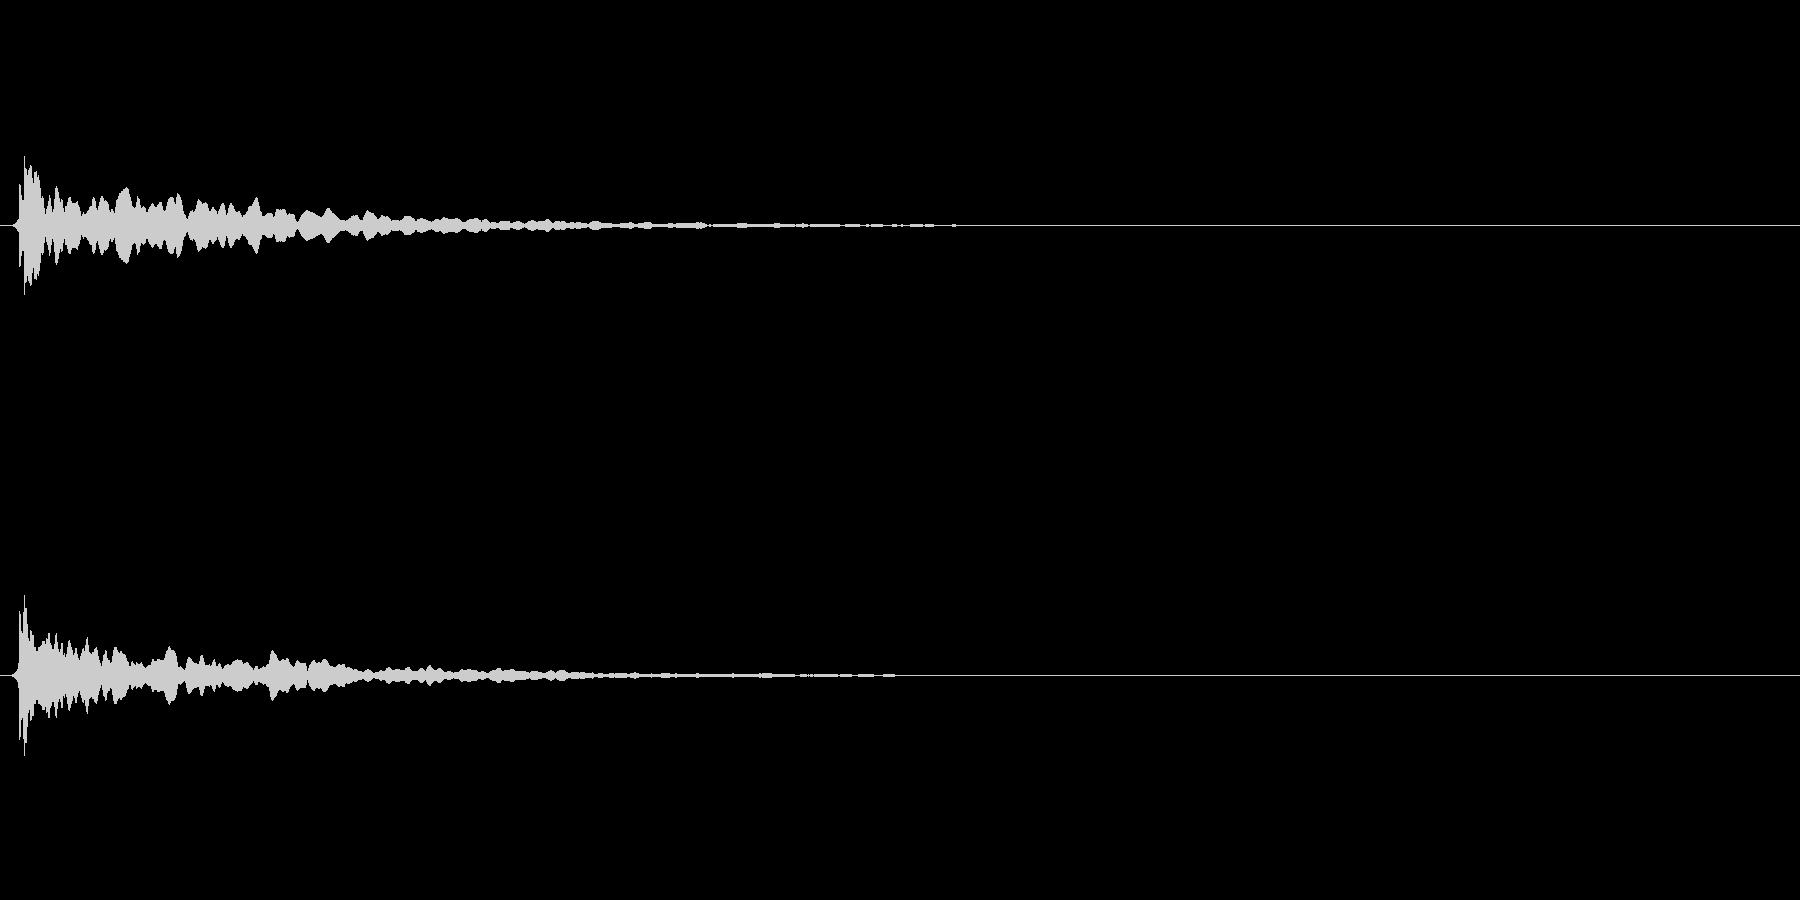 キラキラ系_086の未再生の波形